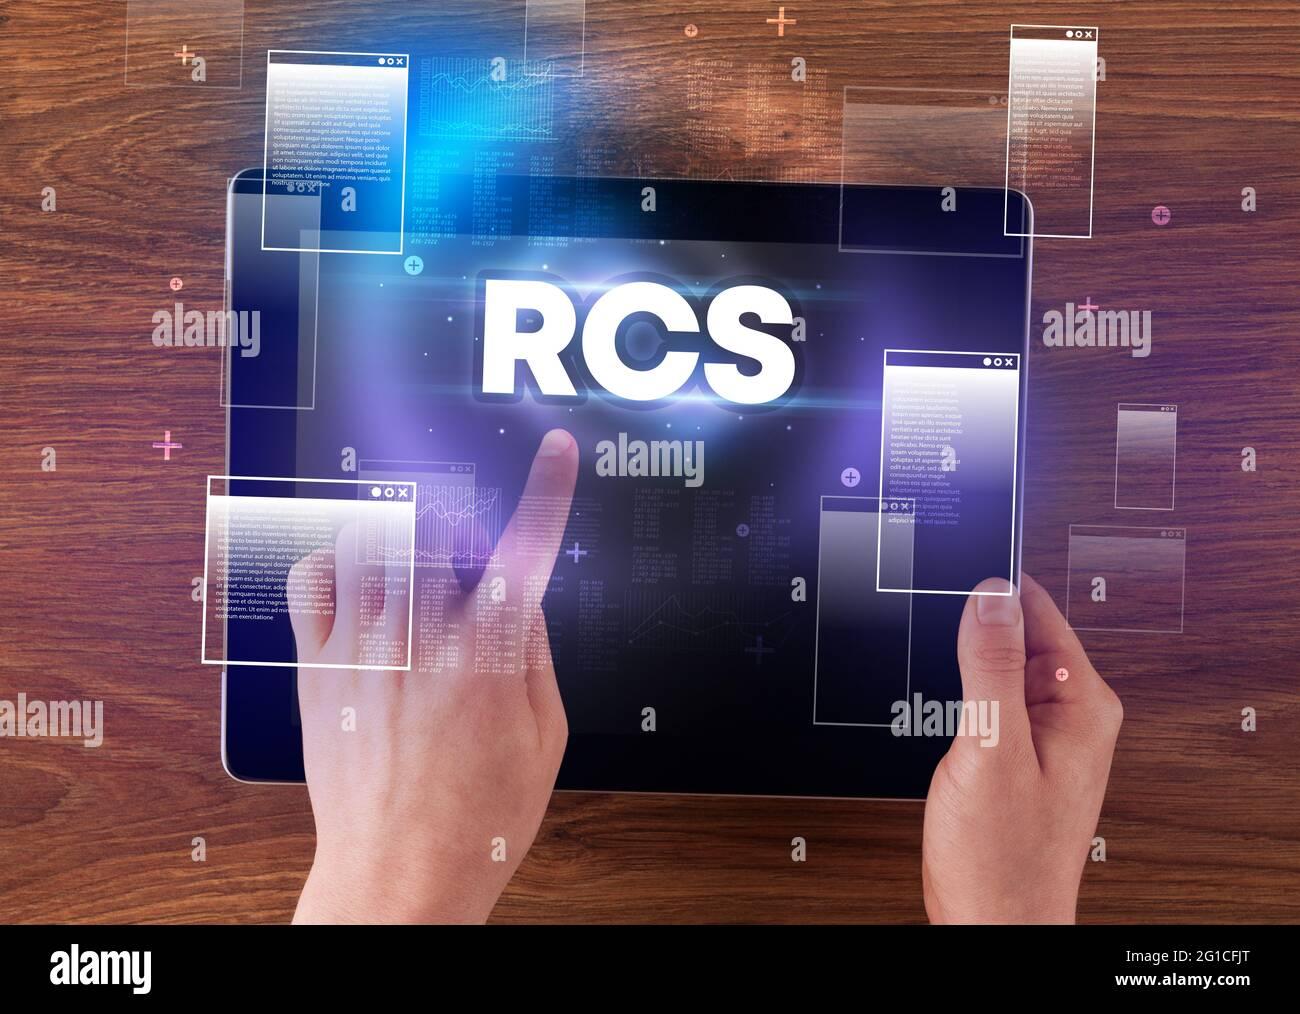 Nahaufnahme eines Tablet-PCs mit Handhaltung Stockfoto